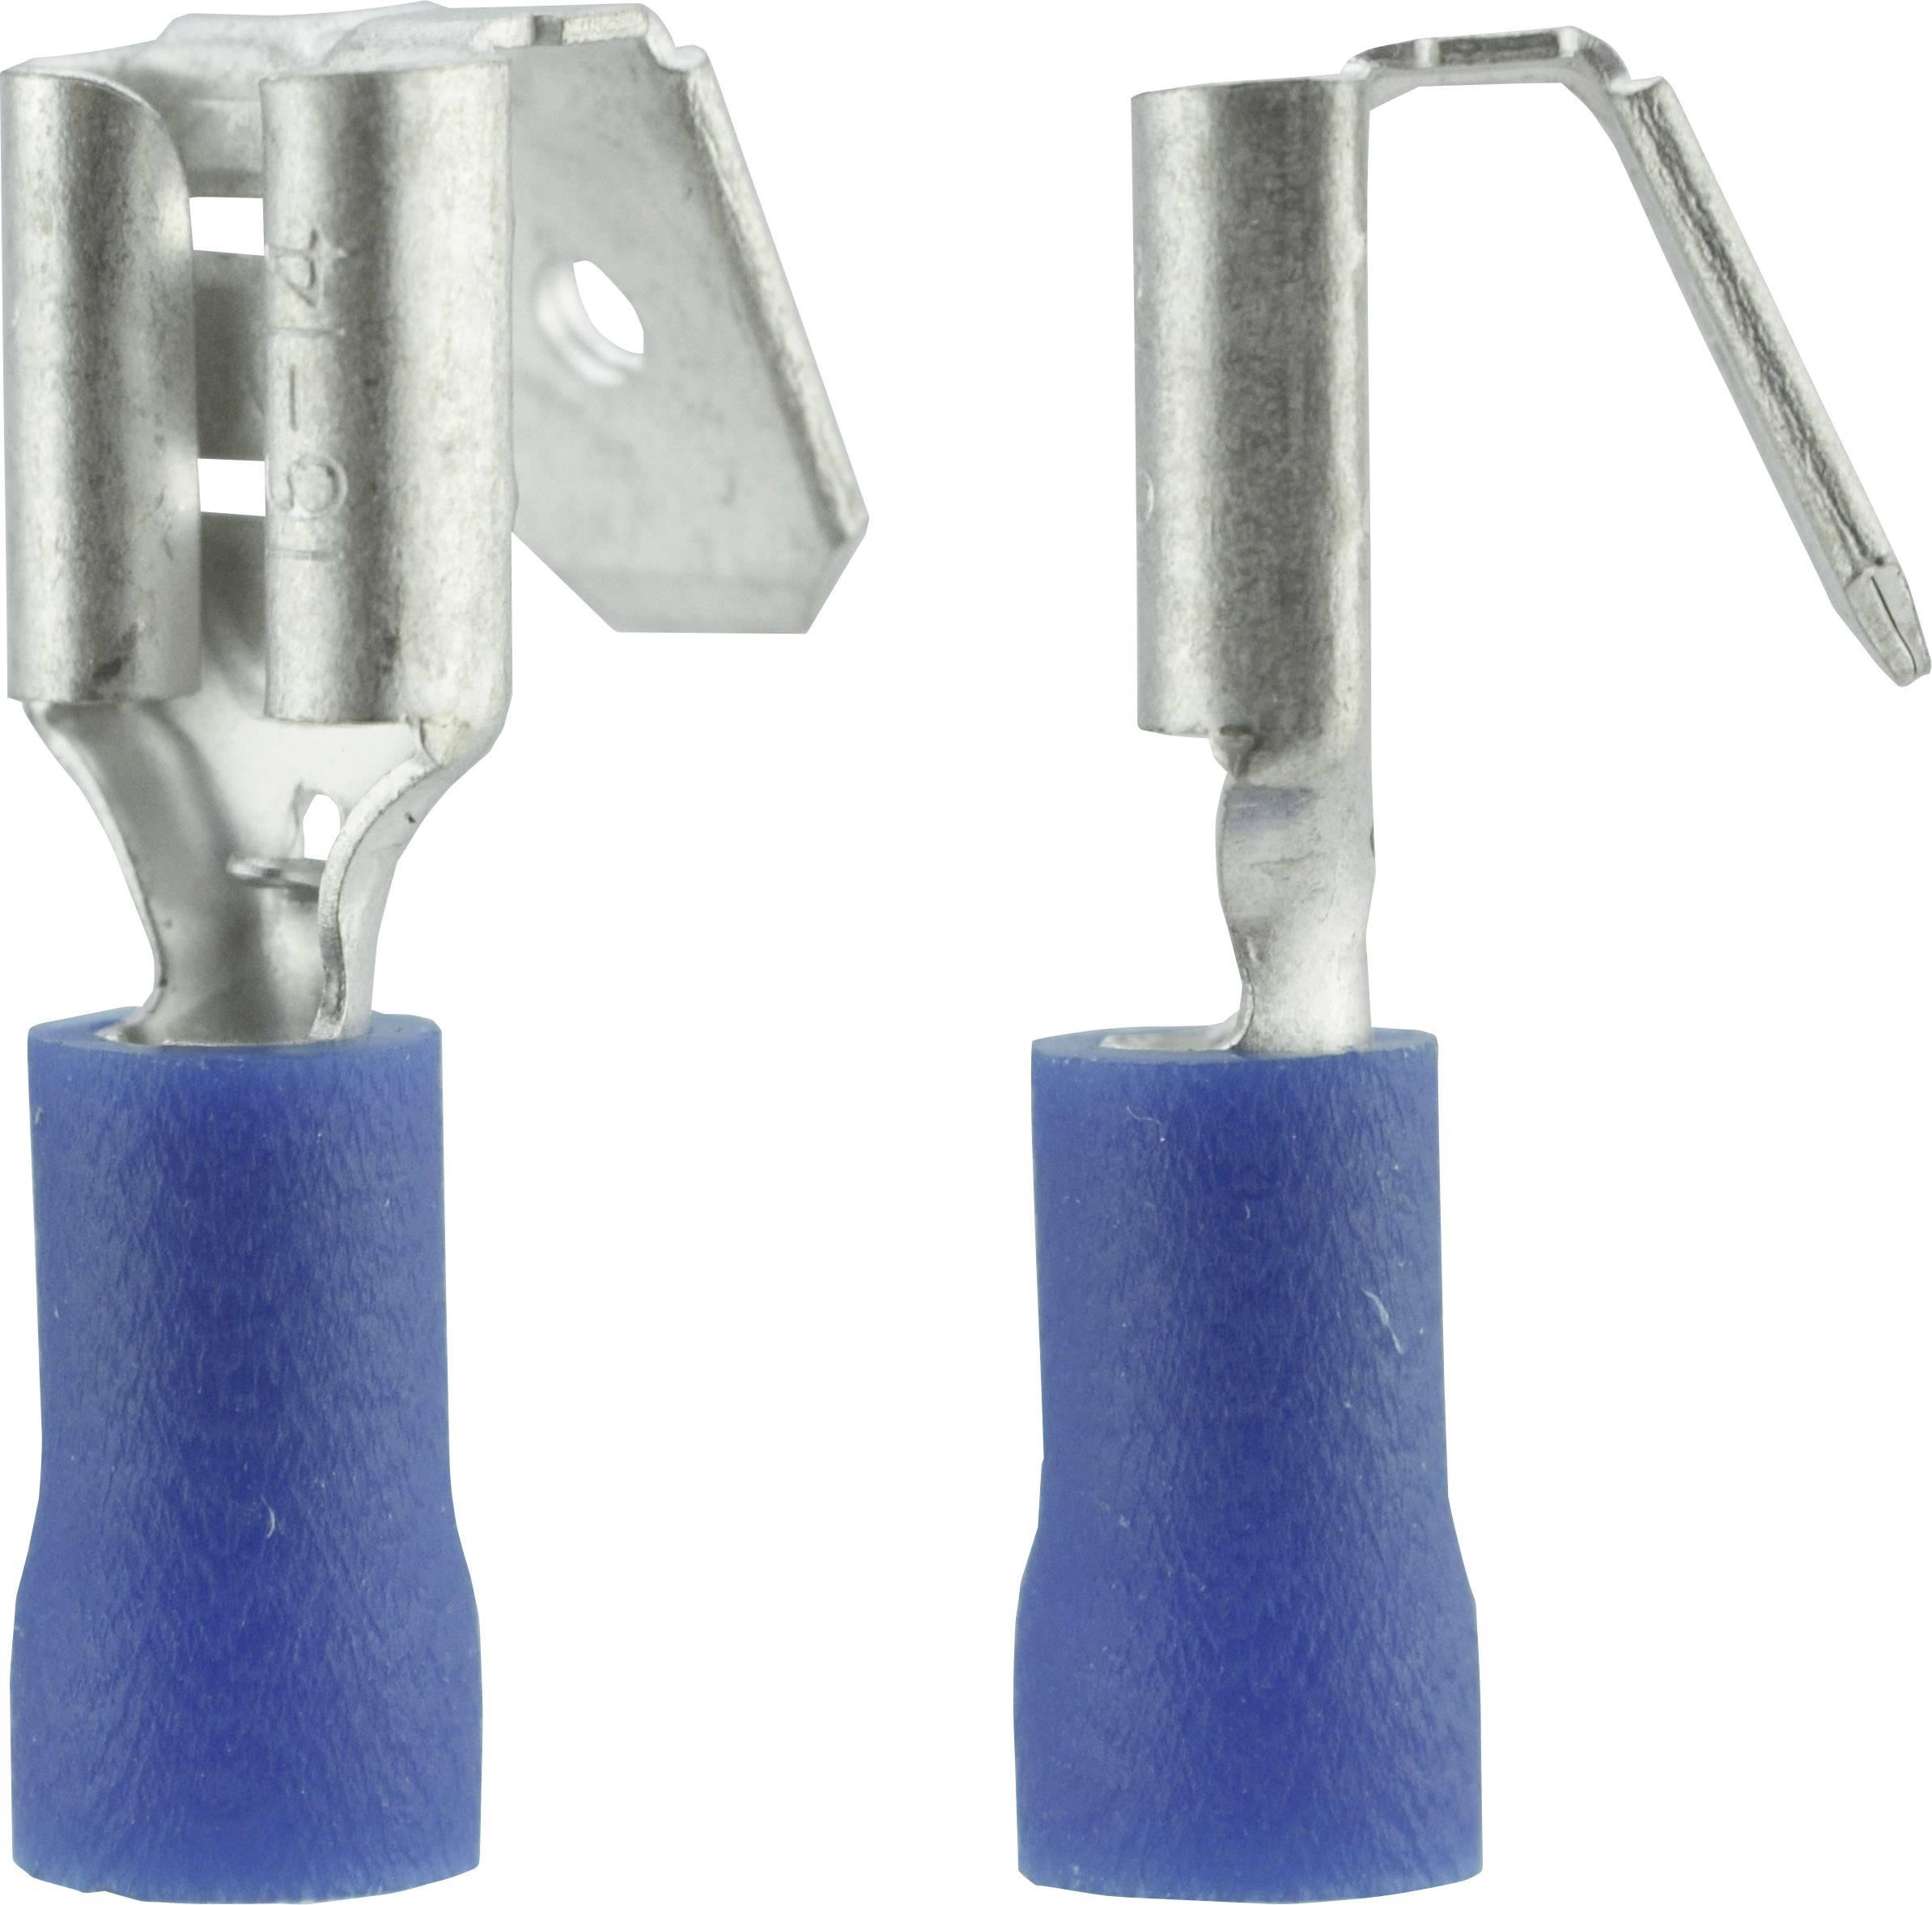 Faston konektor zásuvka Vogt Verbindungstechnik 3926 s vetvením , 6.3 mm x 0.8 mm, 180 °, čiastočne izolované, modrá, 1 ks